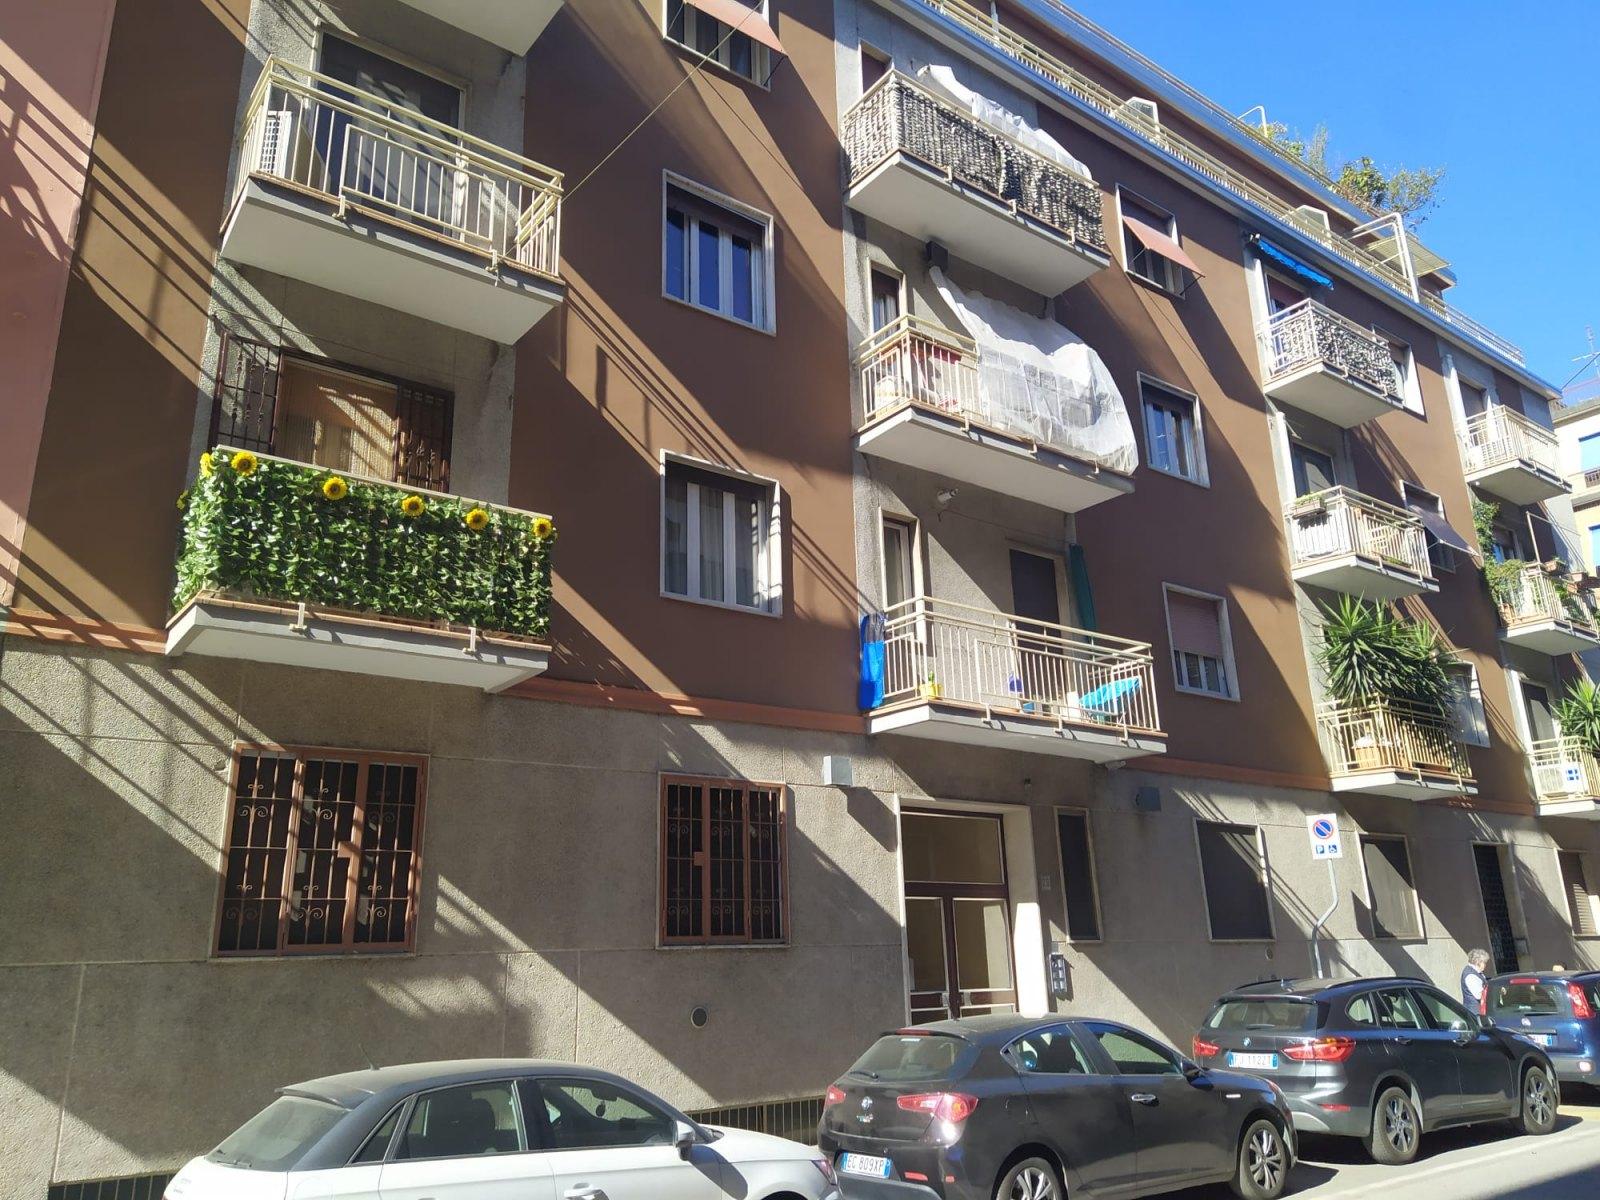 appartamento-bilocale-in-vendita-a-corsico-spaziourbano-immobiliare-vende-20